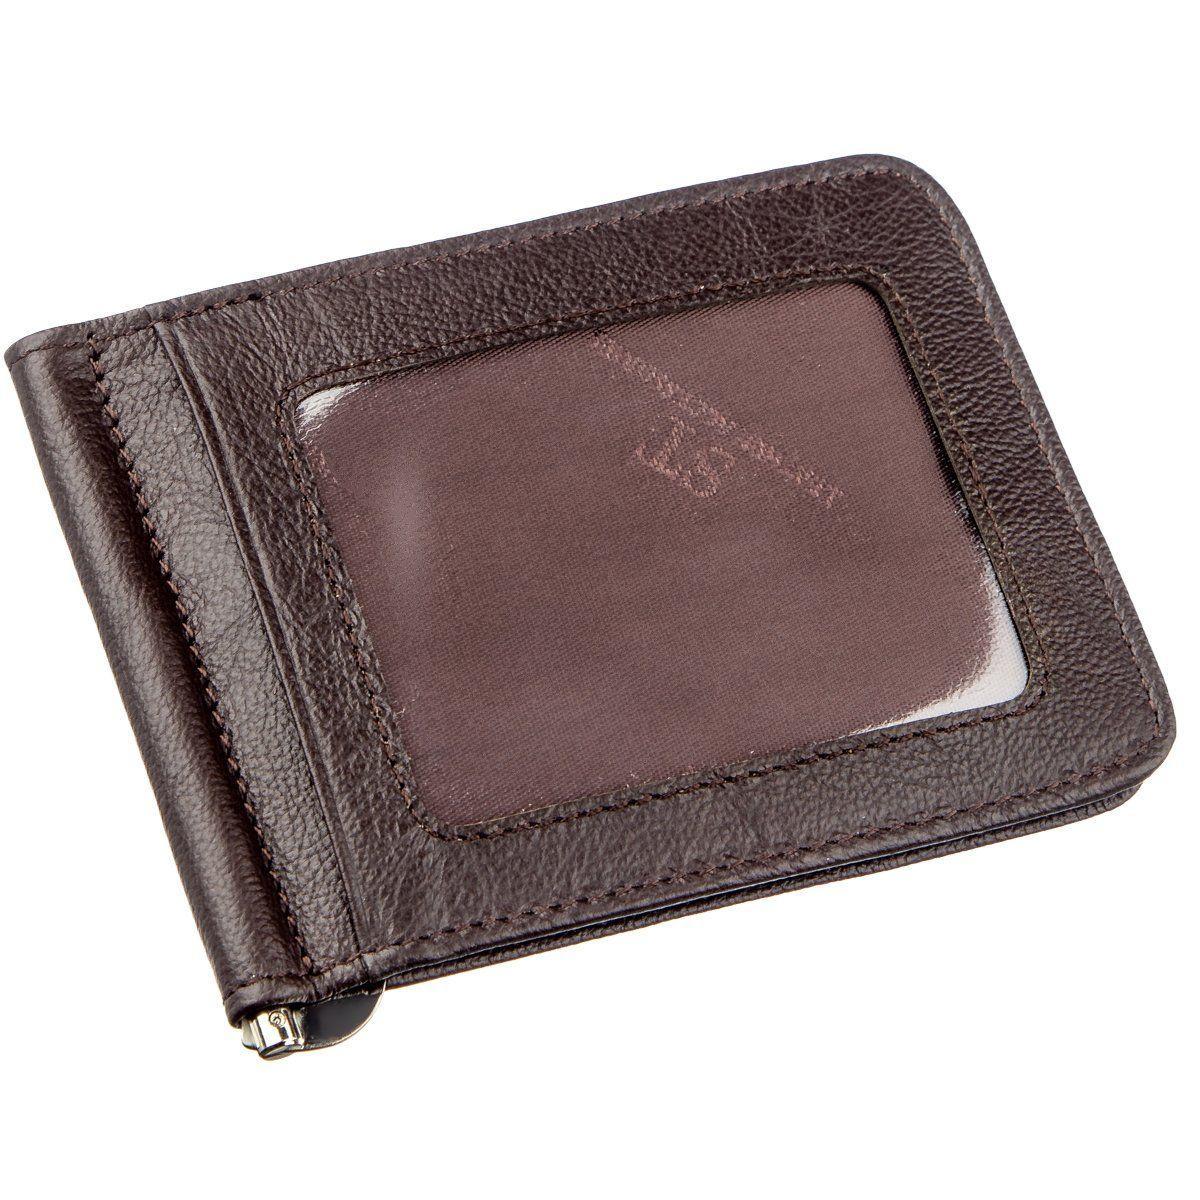 Удобный мужской зажим для купюр ST Leather 18938 Коричневый, Коричневый